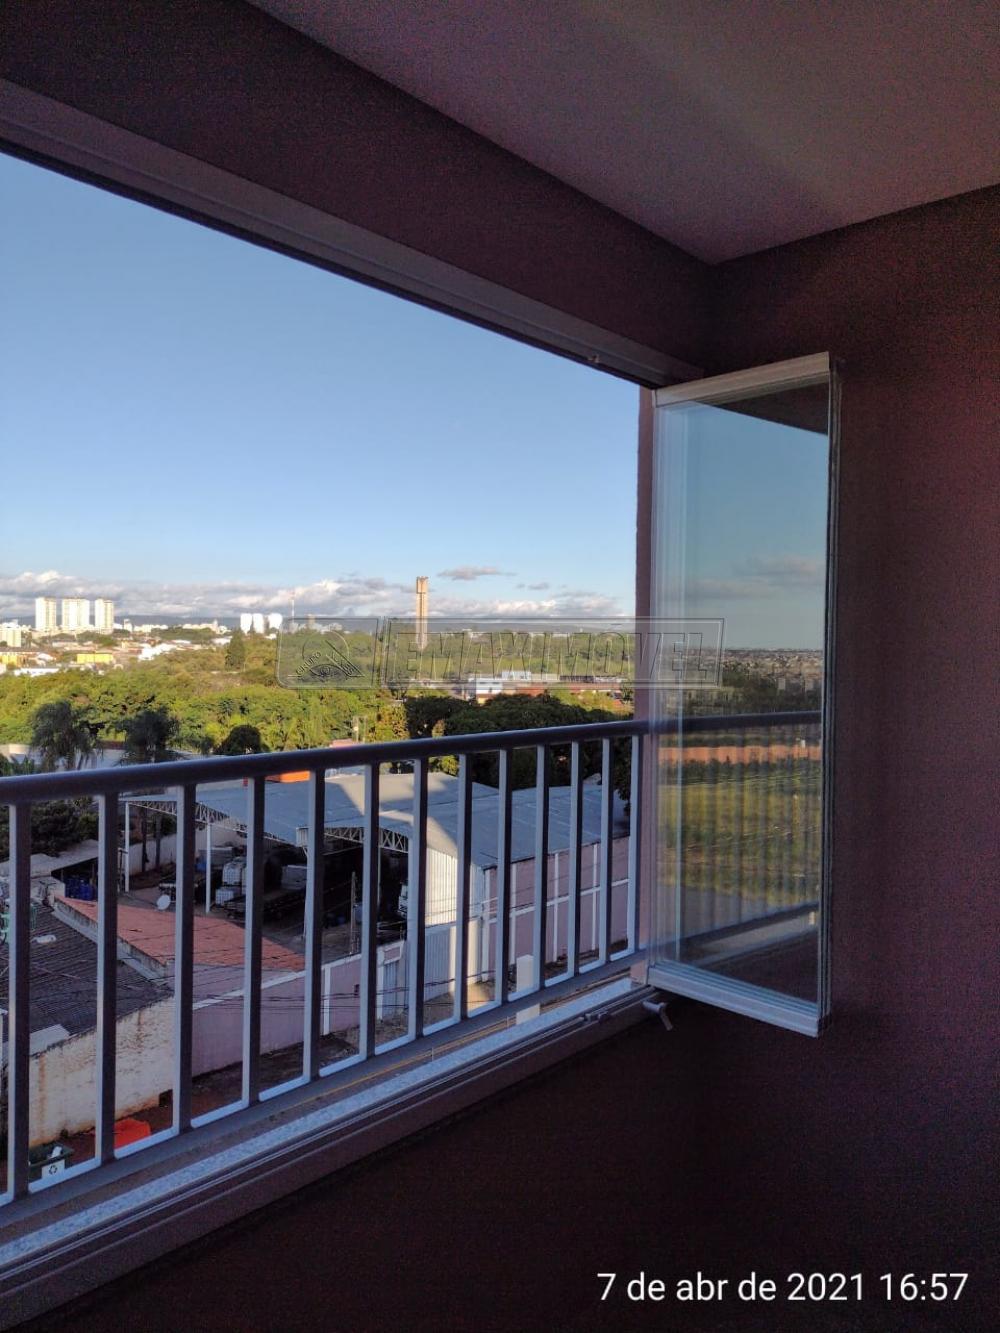 Comprar Apartamentos / Apto Padrão em Sorocaba R$ 280.000,00 - Foto 9